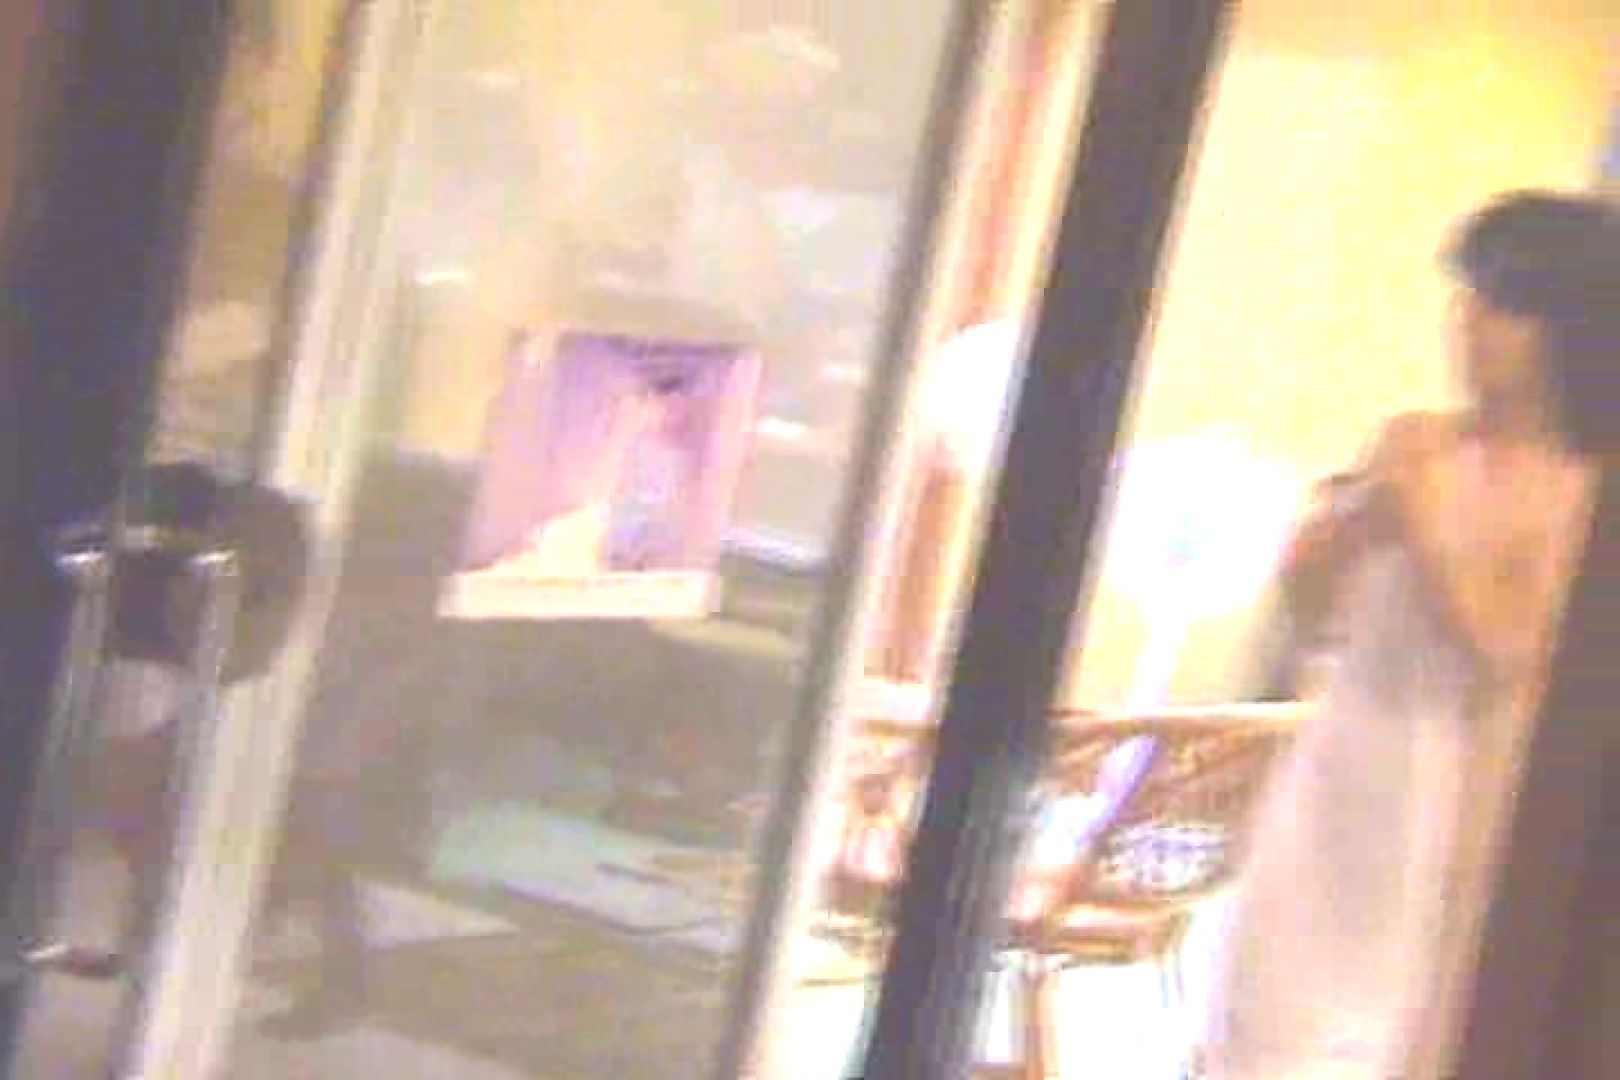 素人投稿シリーズ 盗撮 覗きの穴場 大浴場編 Vol.5 盗撮師作品 エロ無料画像 88pic 72